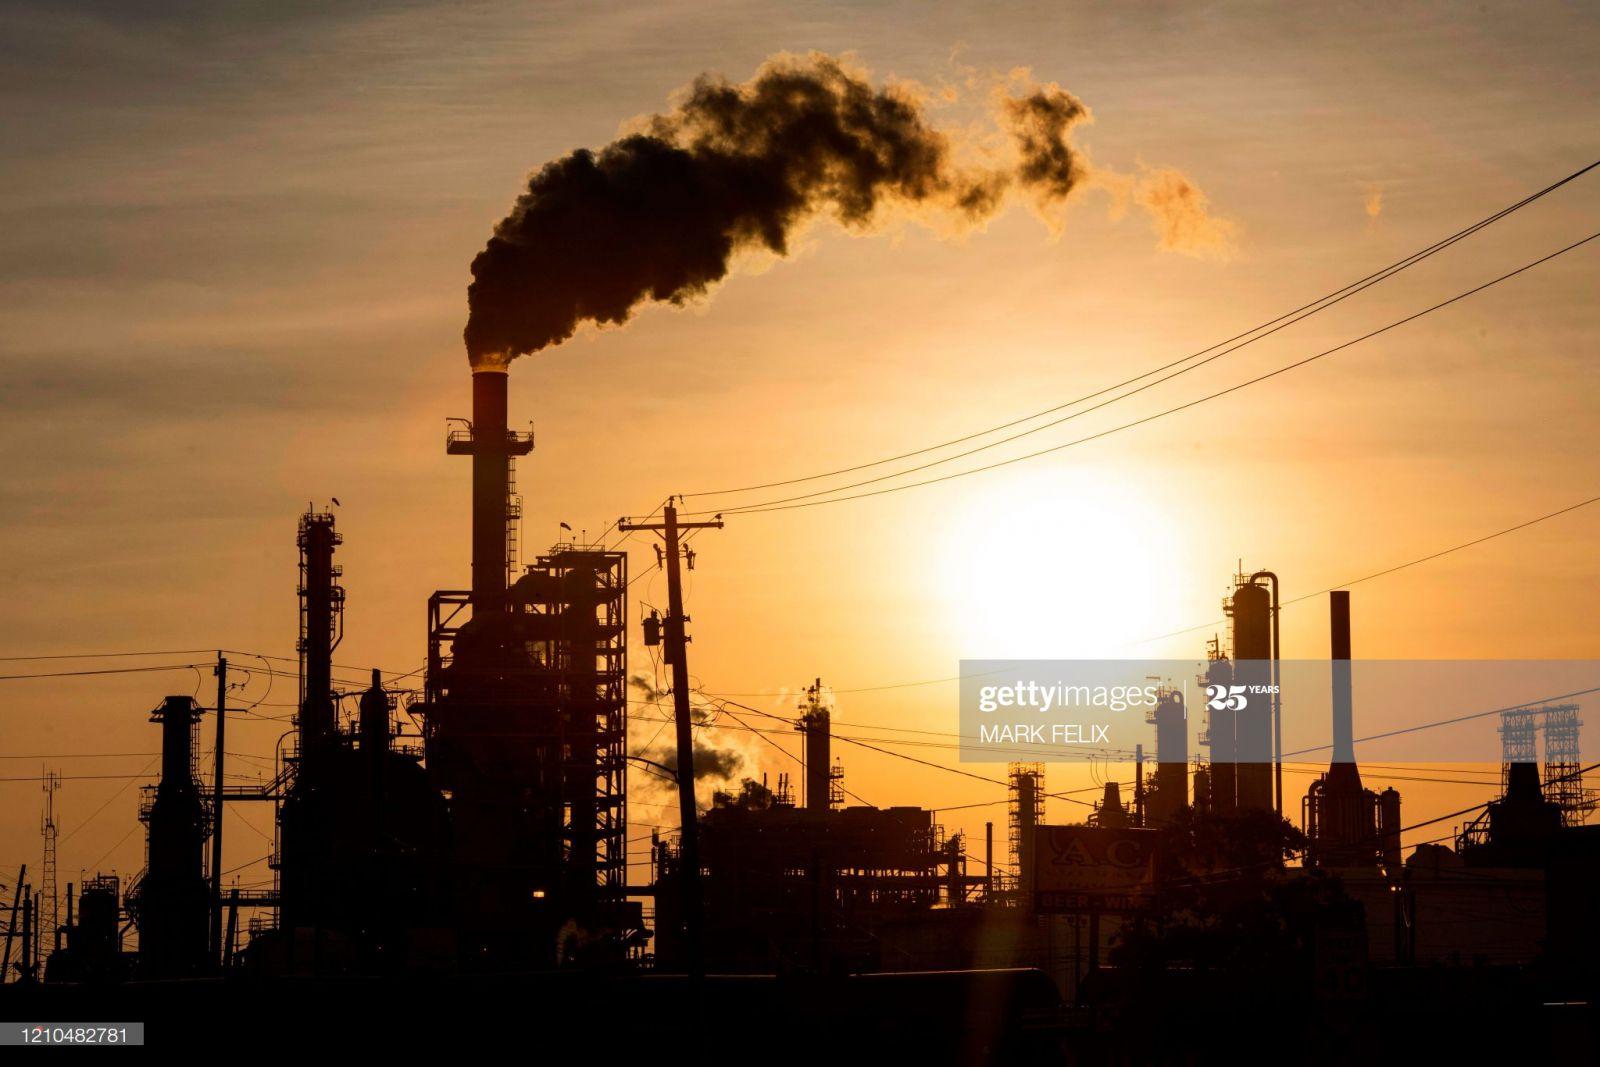 Giá dầu thô đang phục hồi ở thời điểm hiện tại sau một năm sụt giảm mạnh.